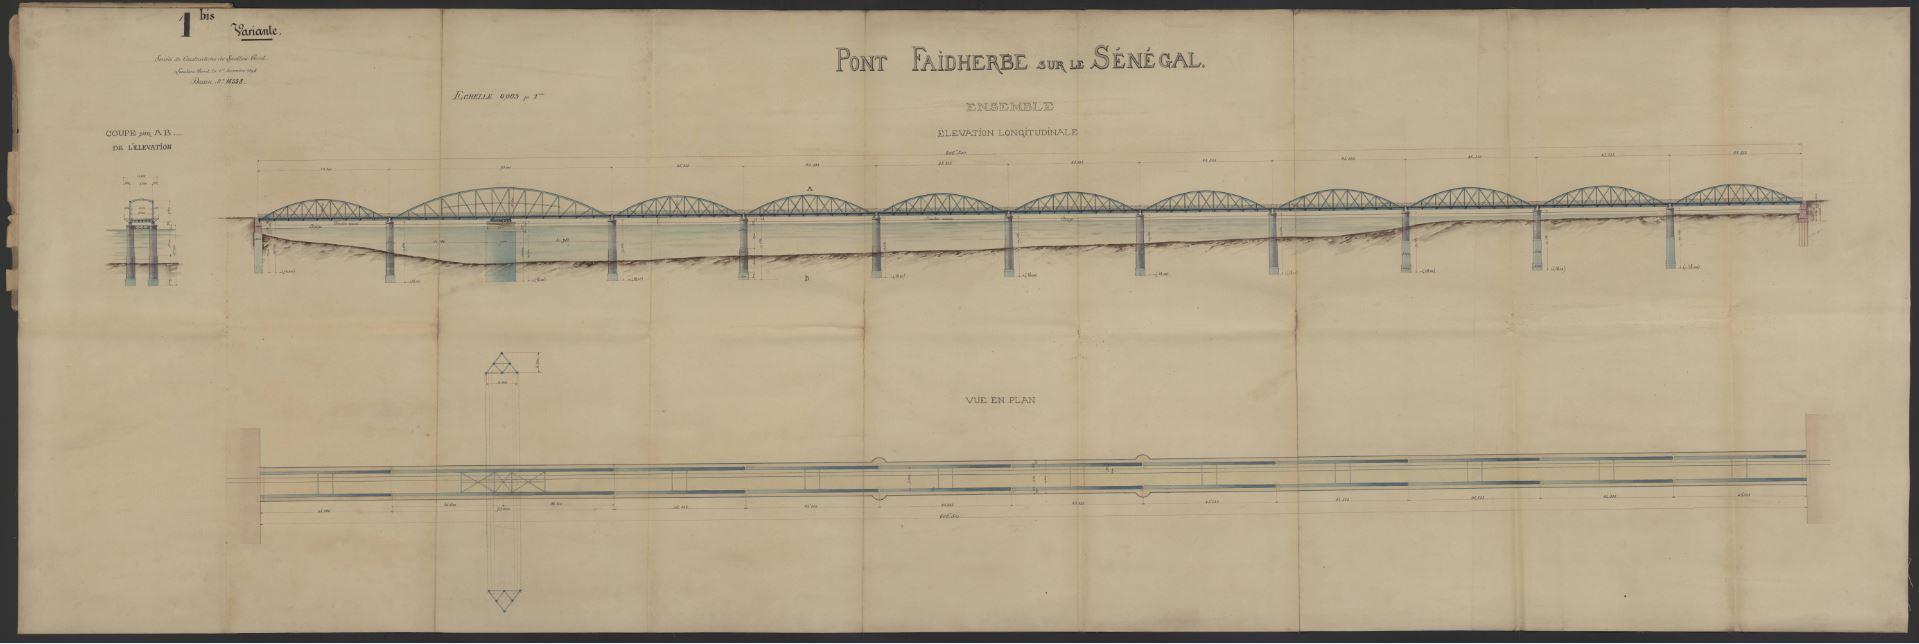 Plan à l'aquarelle et au levis du projet de construction du pont Faidherbe sur le Sénégal, 1893.